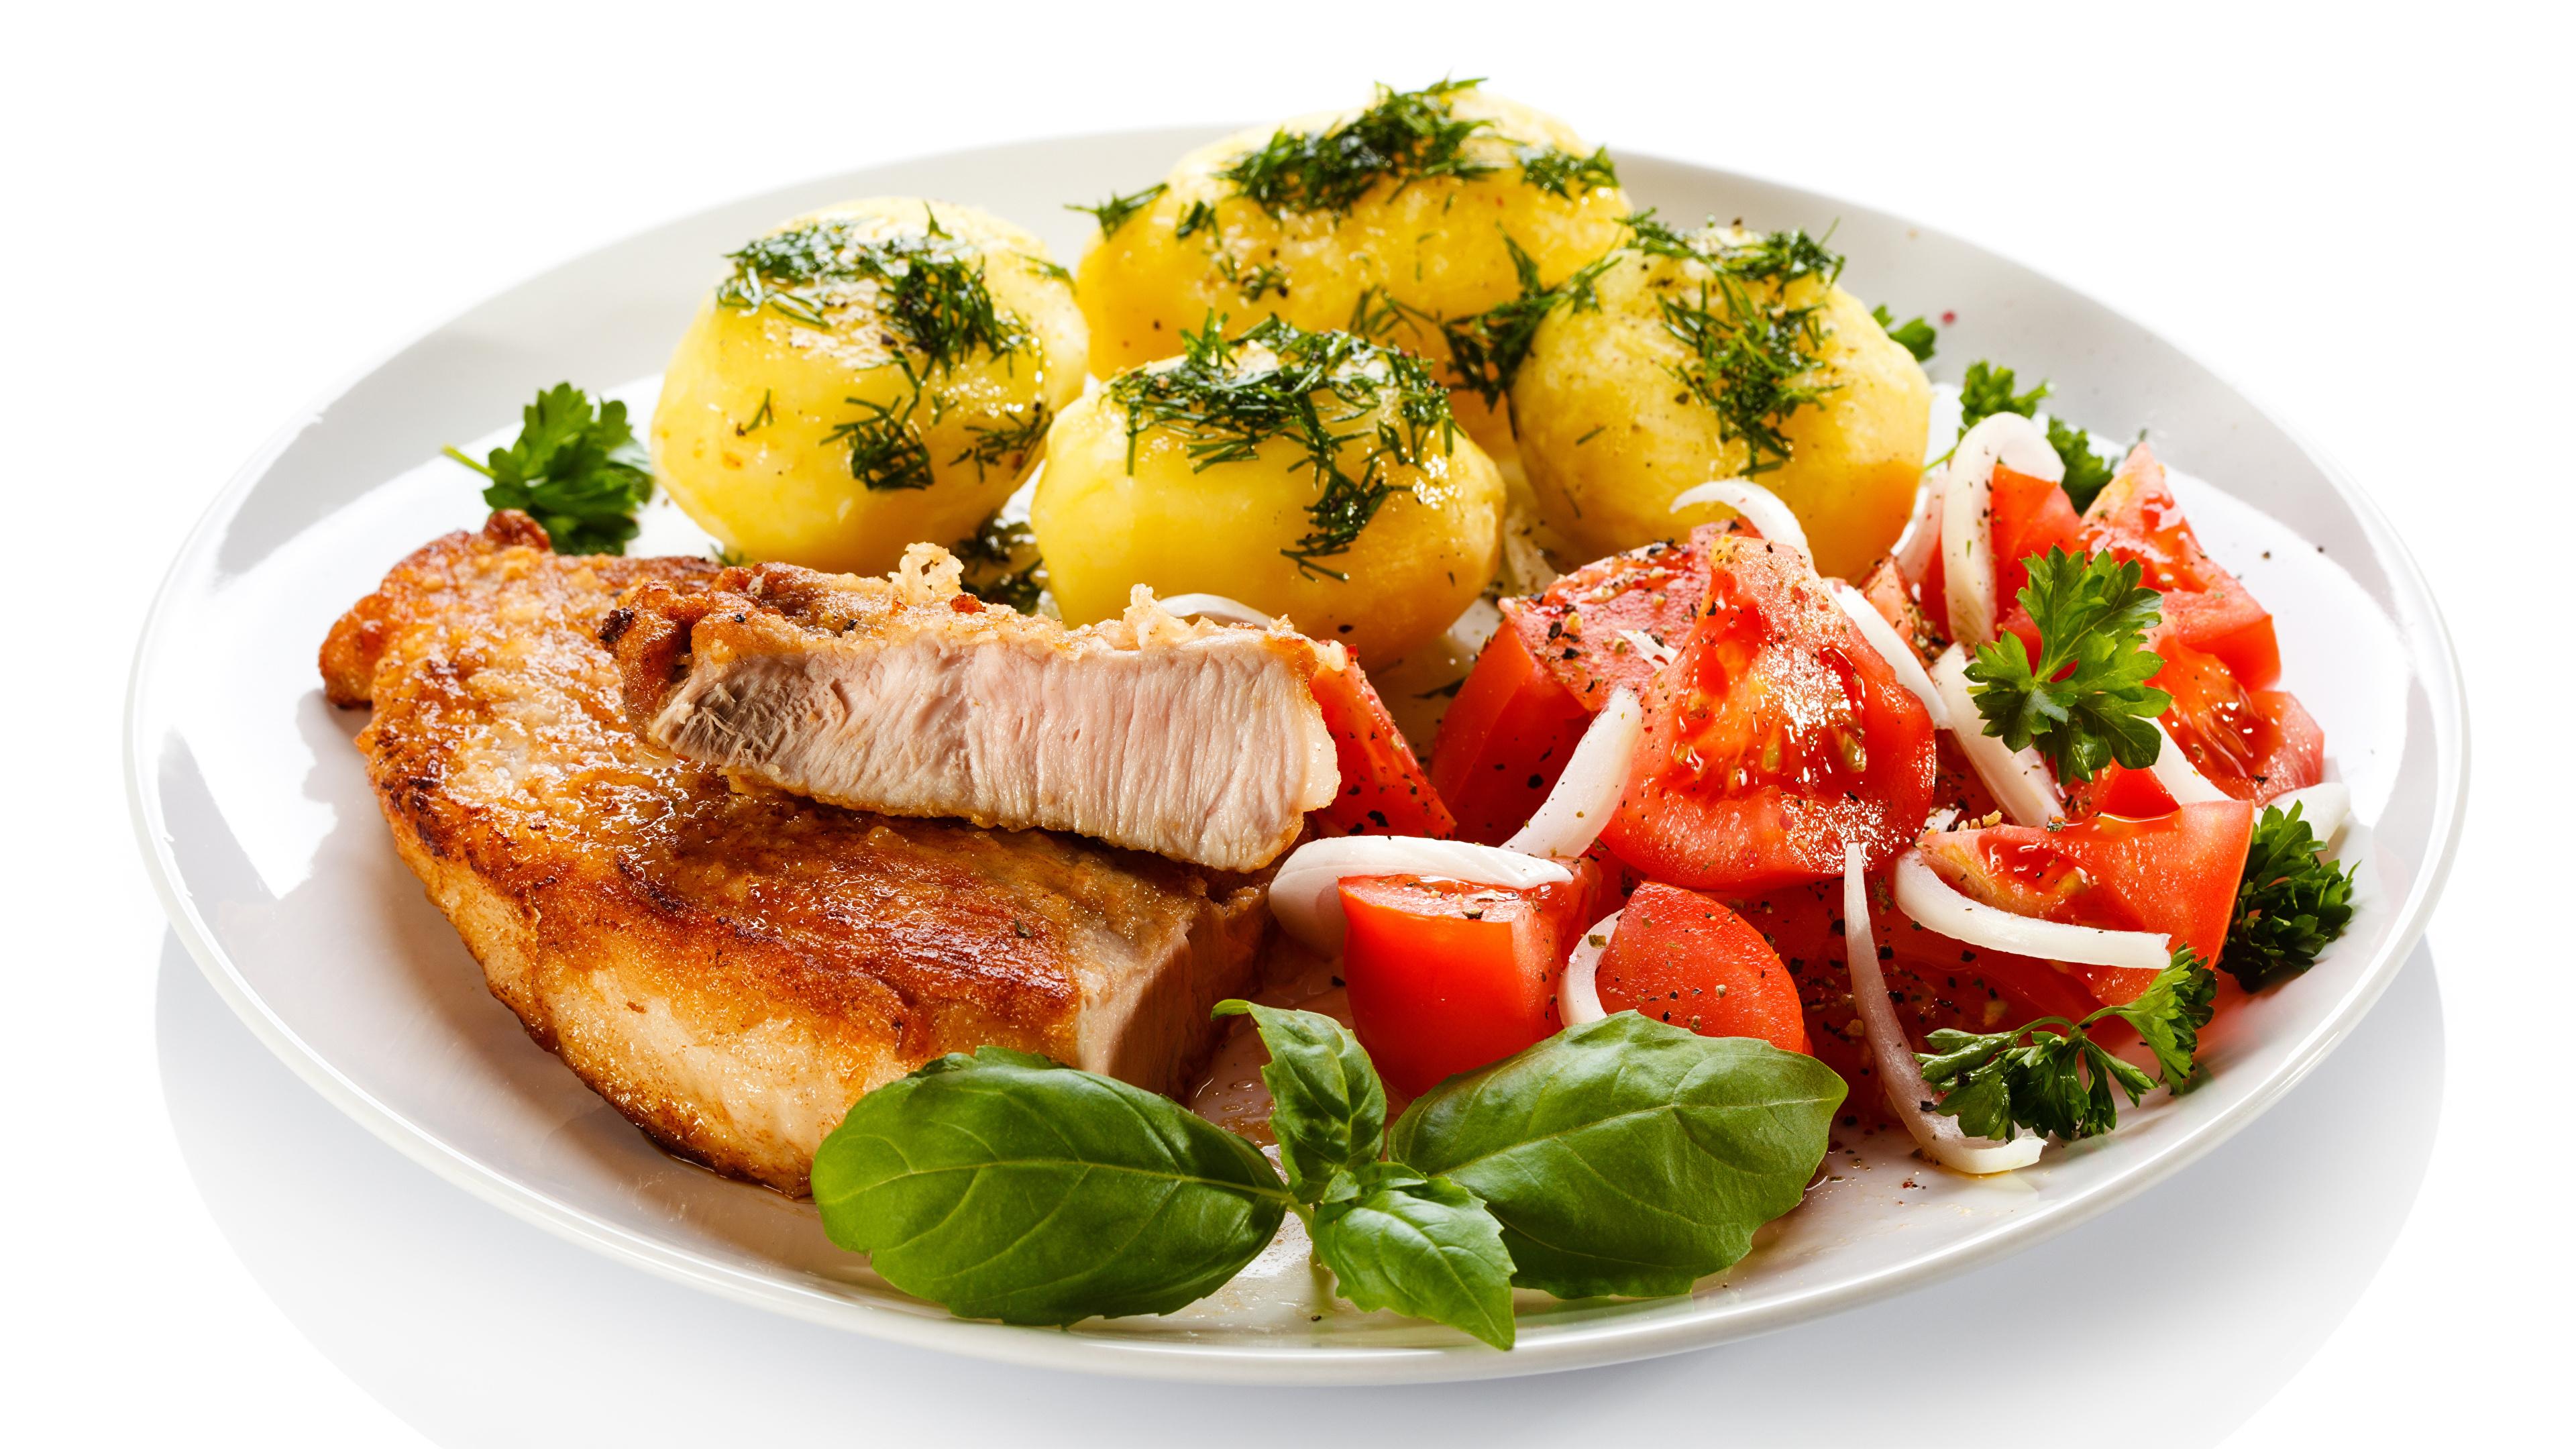 Обои для рабочего стола Картофель Овощи тарелке Продукты питания Белый фон Мясные продукты Вторые блюда 3840x2160 картошка Еда Пища Тарелка белом фоне белым фоном